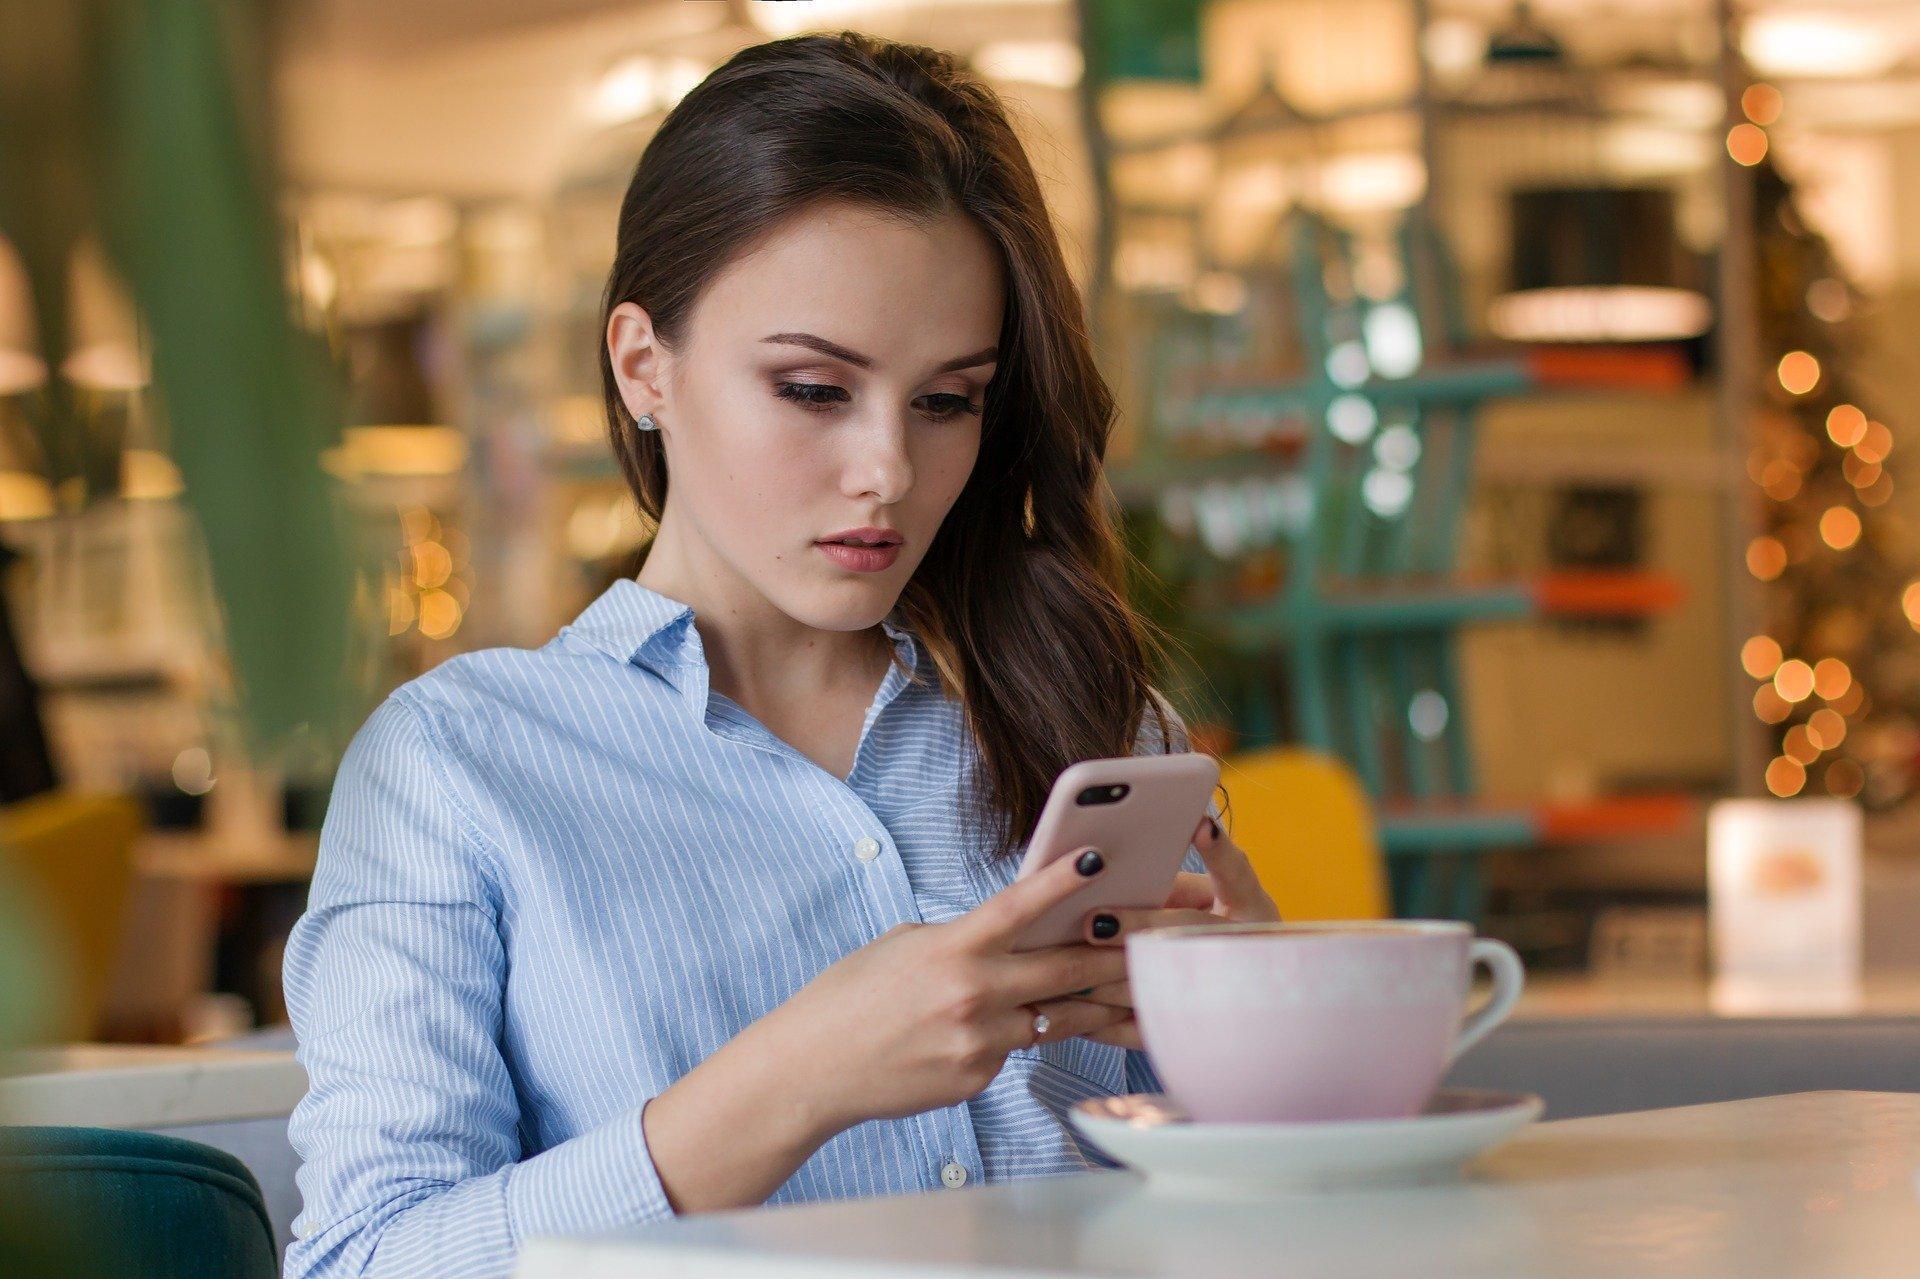 Выяснилось, что смартфоны «портят» вкус еды